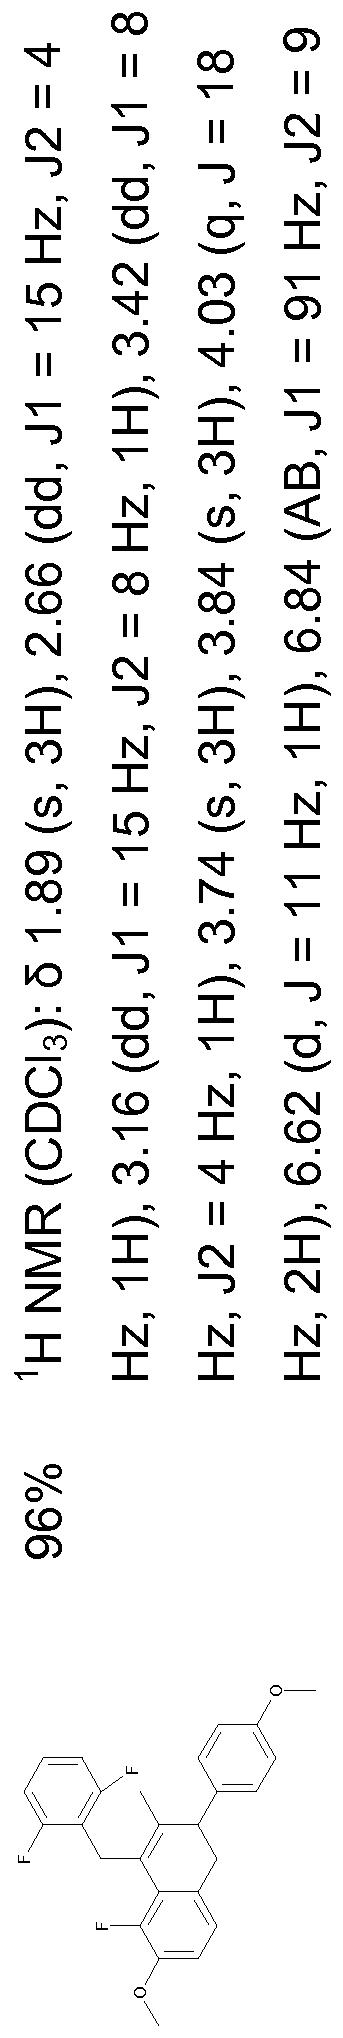 WO2010103095A1 - Tetrahydronaphthalen-2-ol derivatives - Google Patents